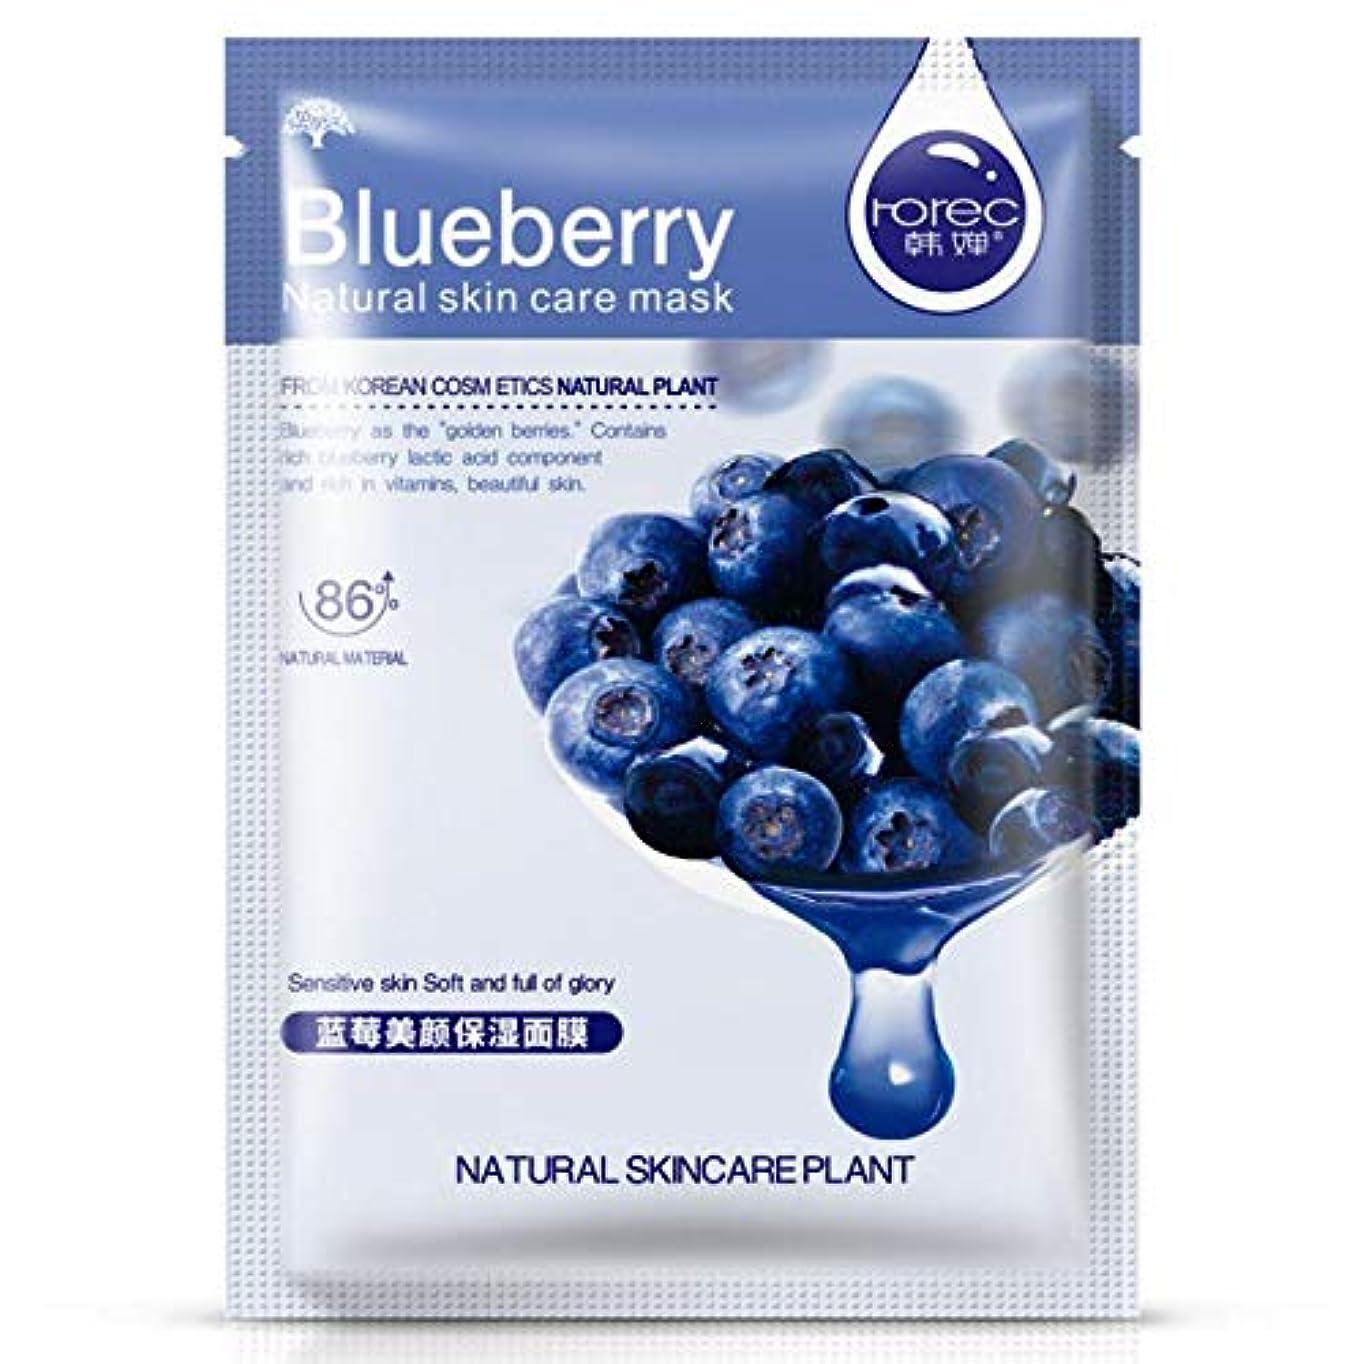 コンセンサスタフ見出し(Blueberry) Skin Care Plant Facial Mask Moisturizing Oil Control Blackhead Remover Wrapped Mask Face Mask Face...